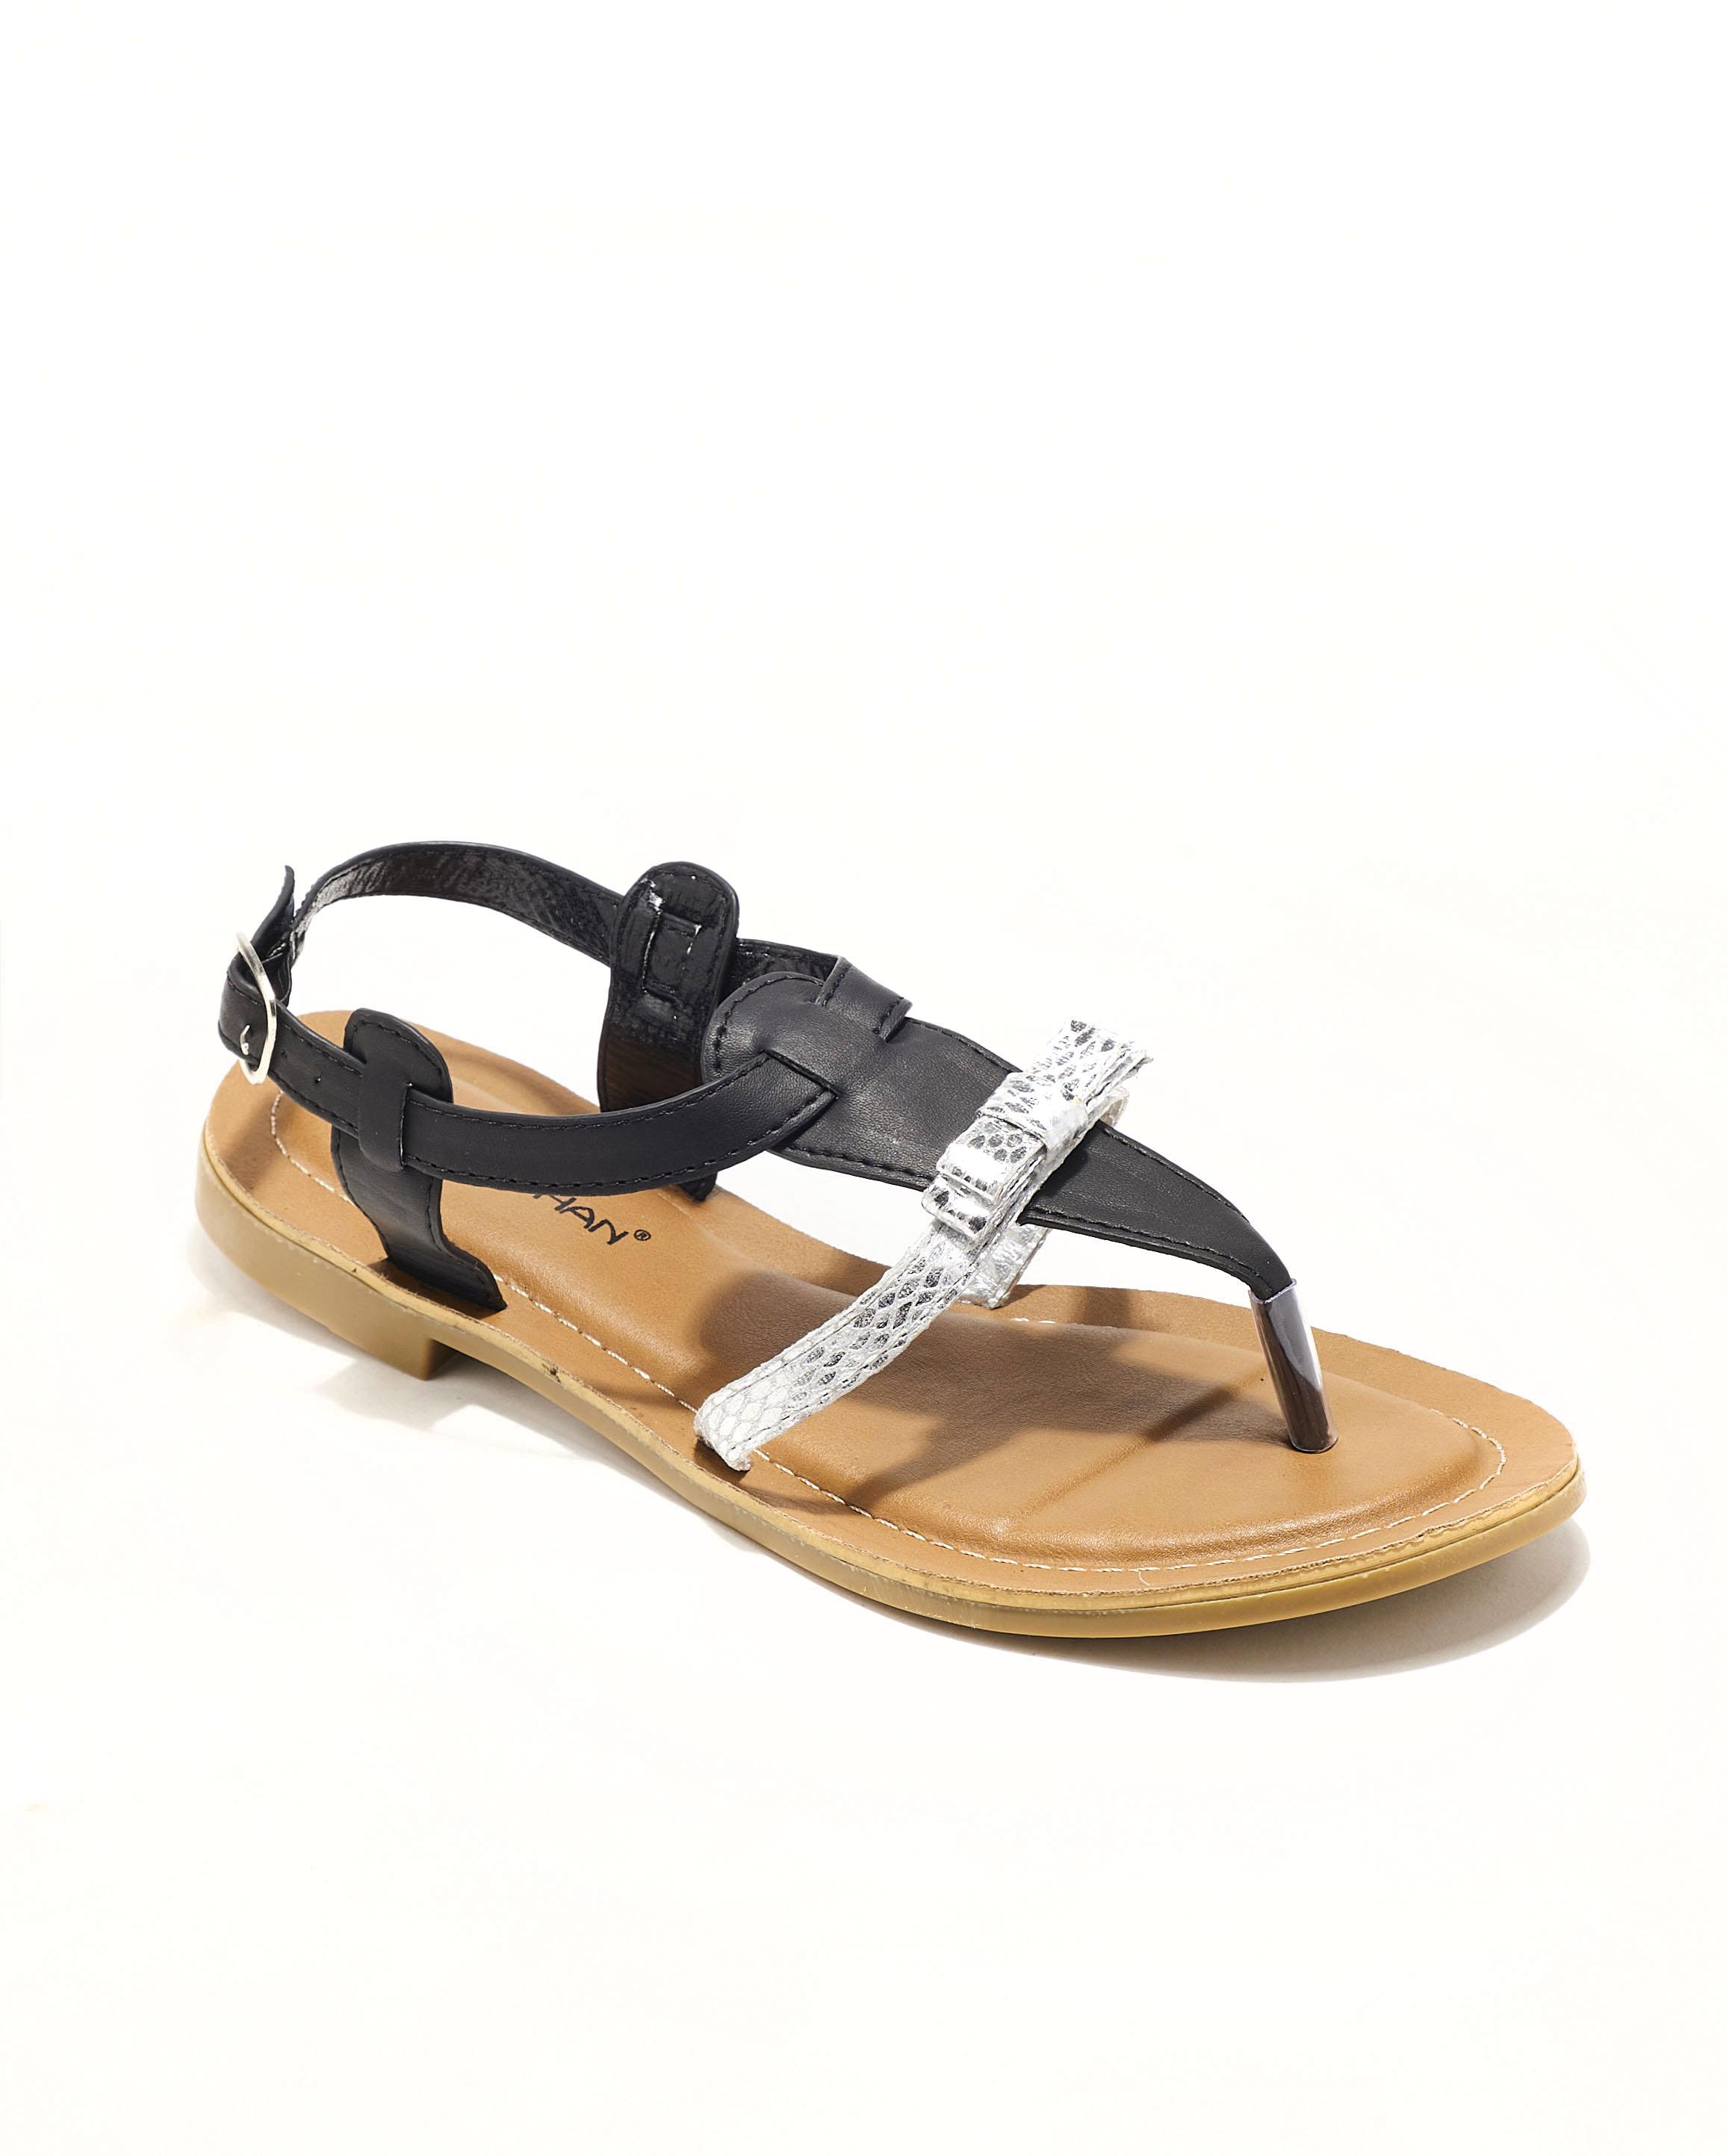 Sandales Plates Femme - Sandale Plate Noir Jina - P792